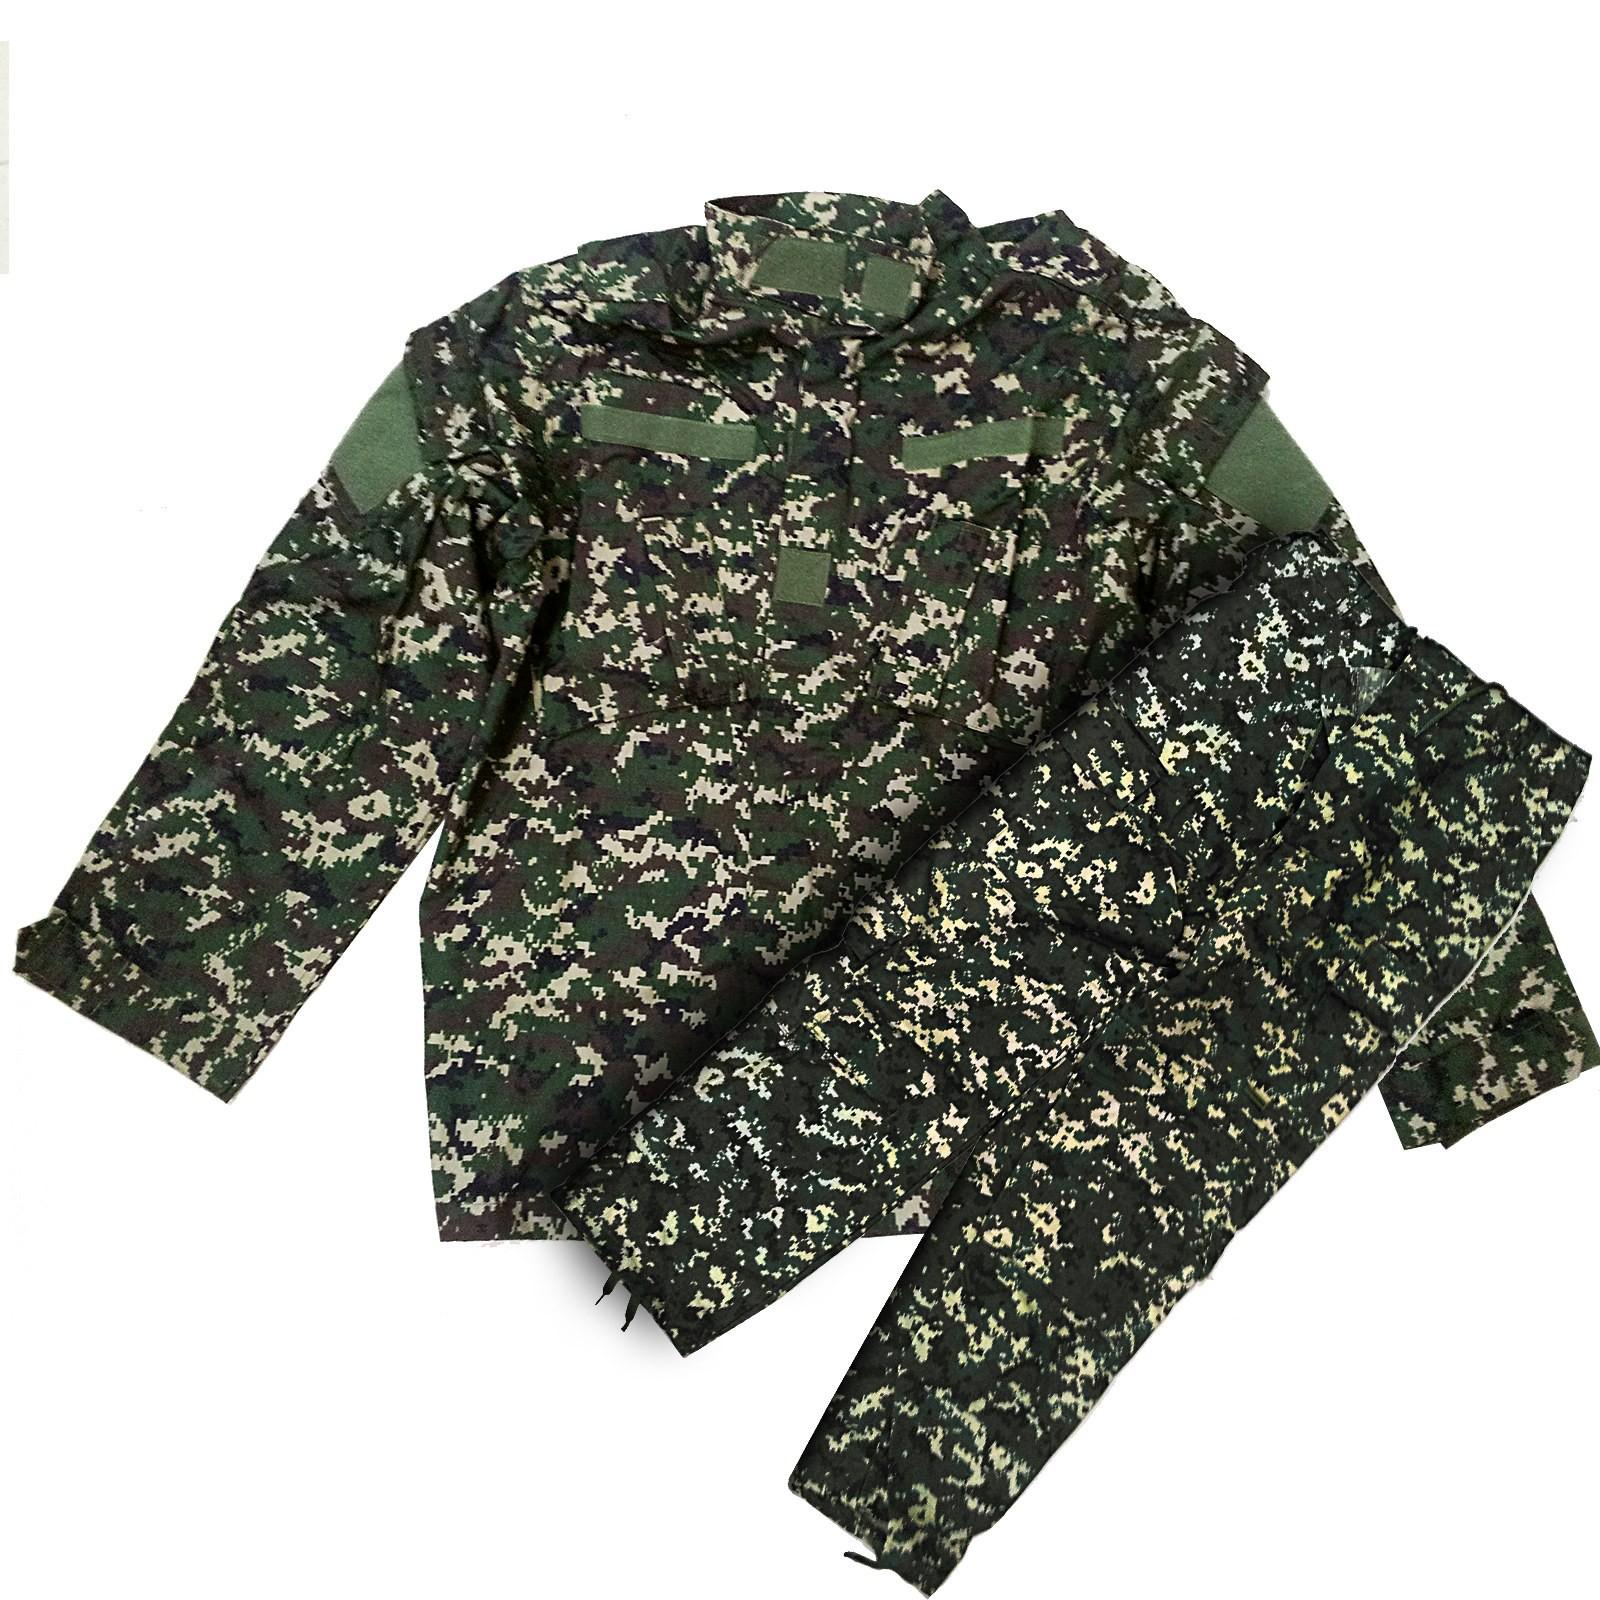 Mimetica Militare Giacca Tattica + Pantalone Taglia M per Caccia Wooland Digital